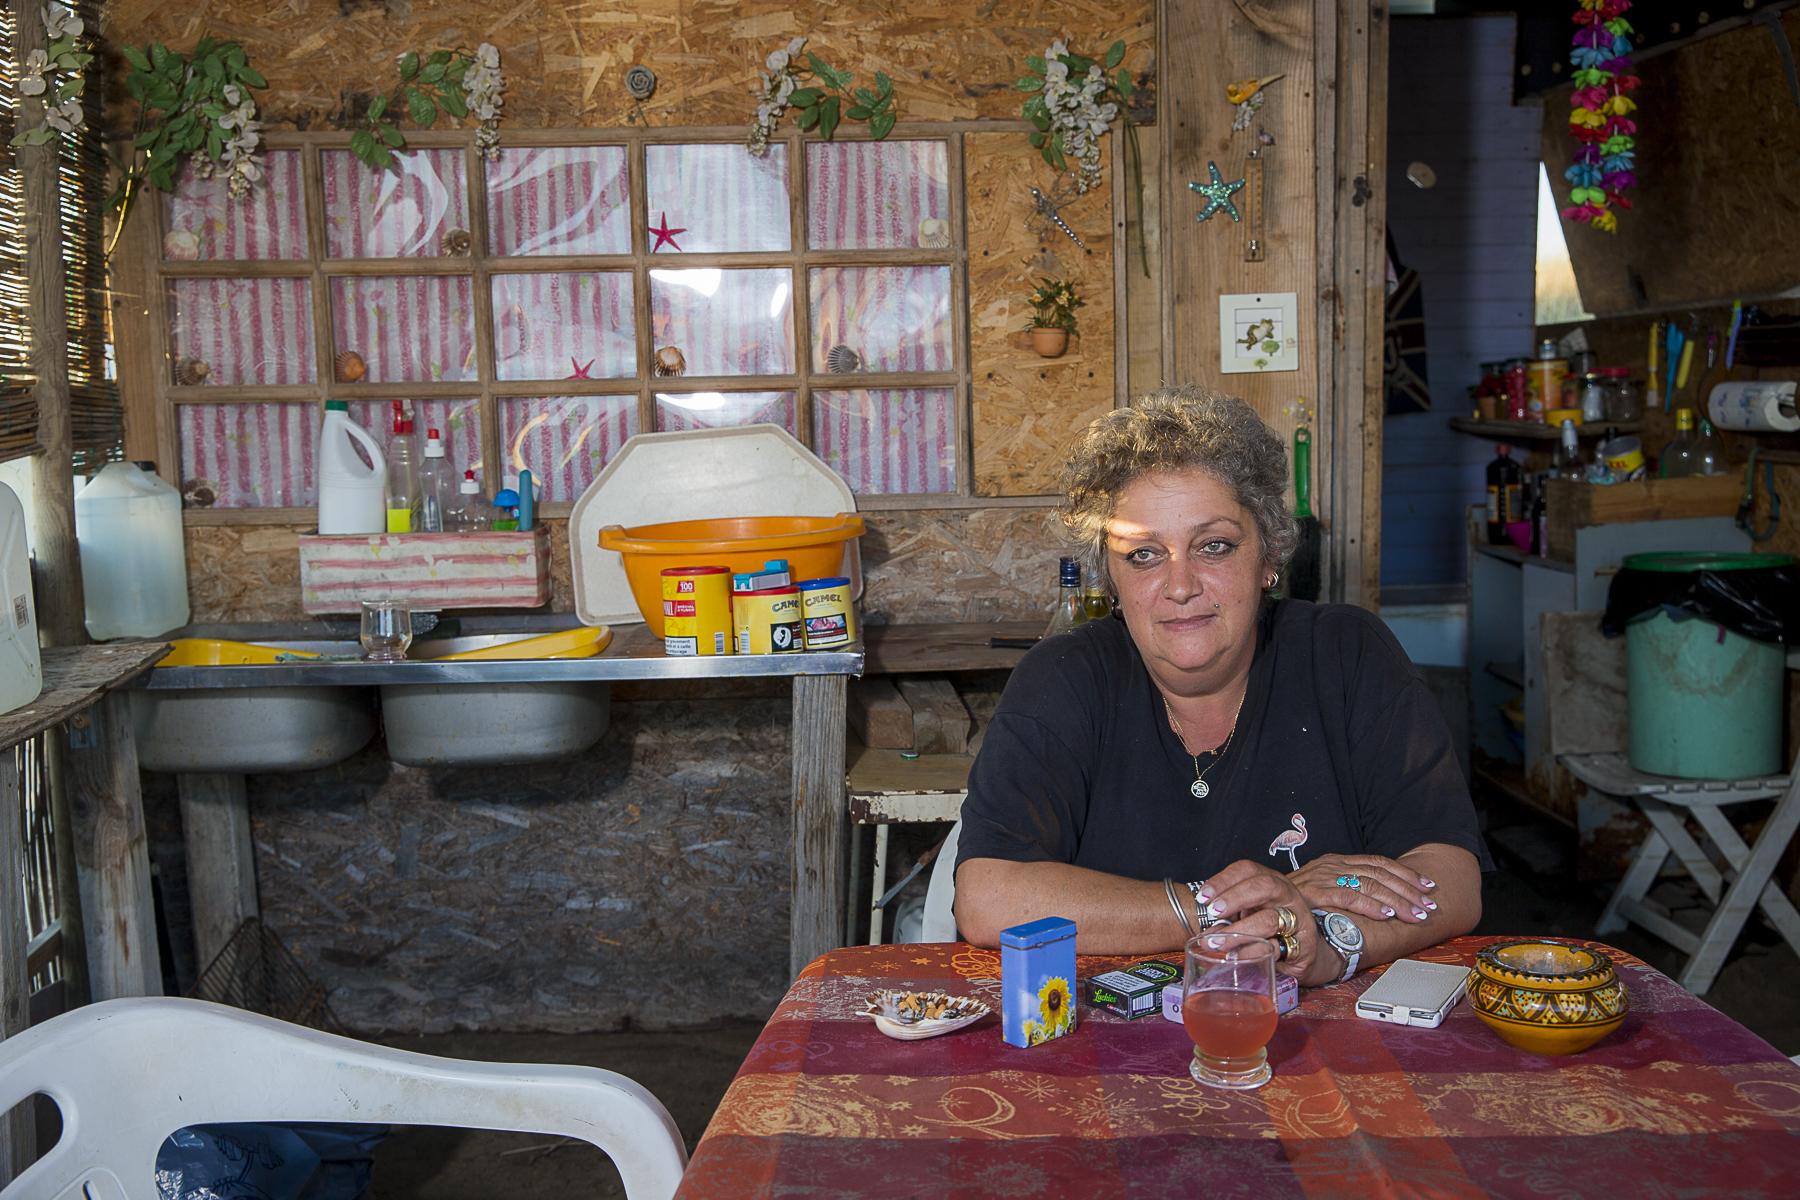 La plage de Piémenson à l\'embouchure du Rhône est la dernière plage en Europe ou le camping sauvage est toléré. Les deux grandes communautées présentent sont les naturistes, très soucieux de l\'environnement et passés maîtres dans l\'art de la construction de cabanons en bois flotés et les \{quote}textils\{quote} vivant plutôt dans des caravannes, ils sont des bons vivants...Esther 50 ans campe à la plage depuis 38 ans...